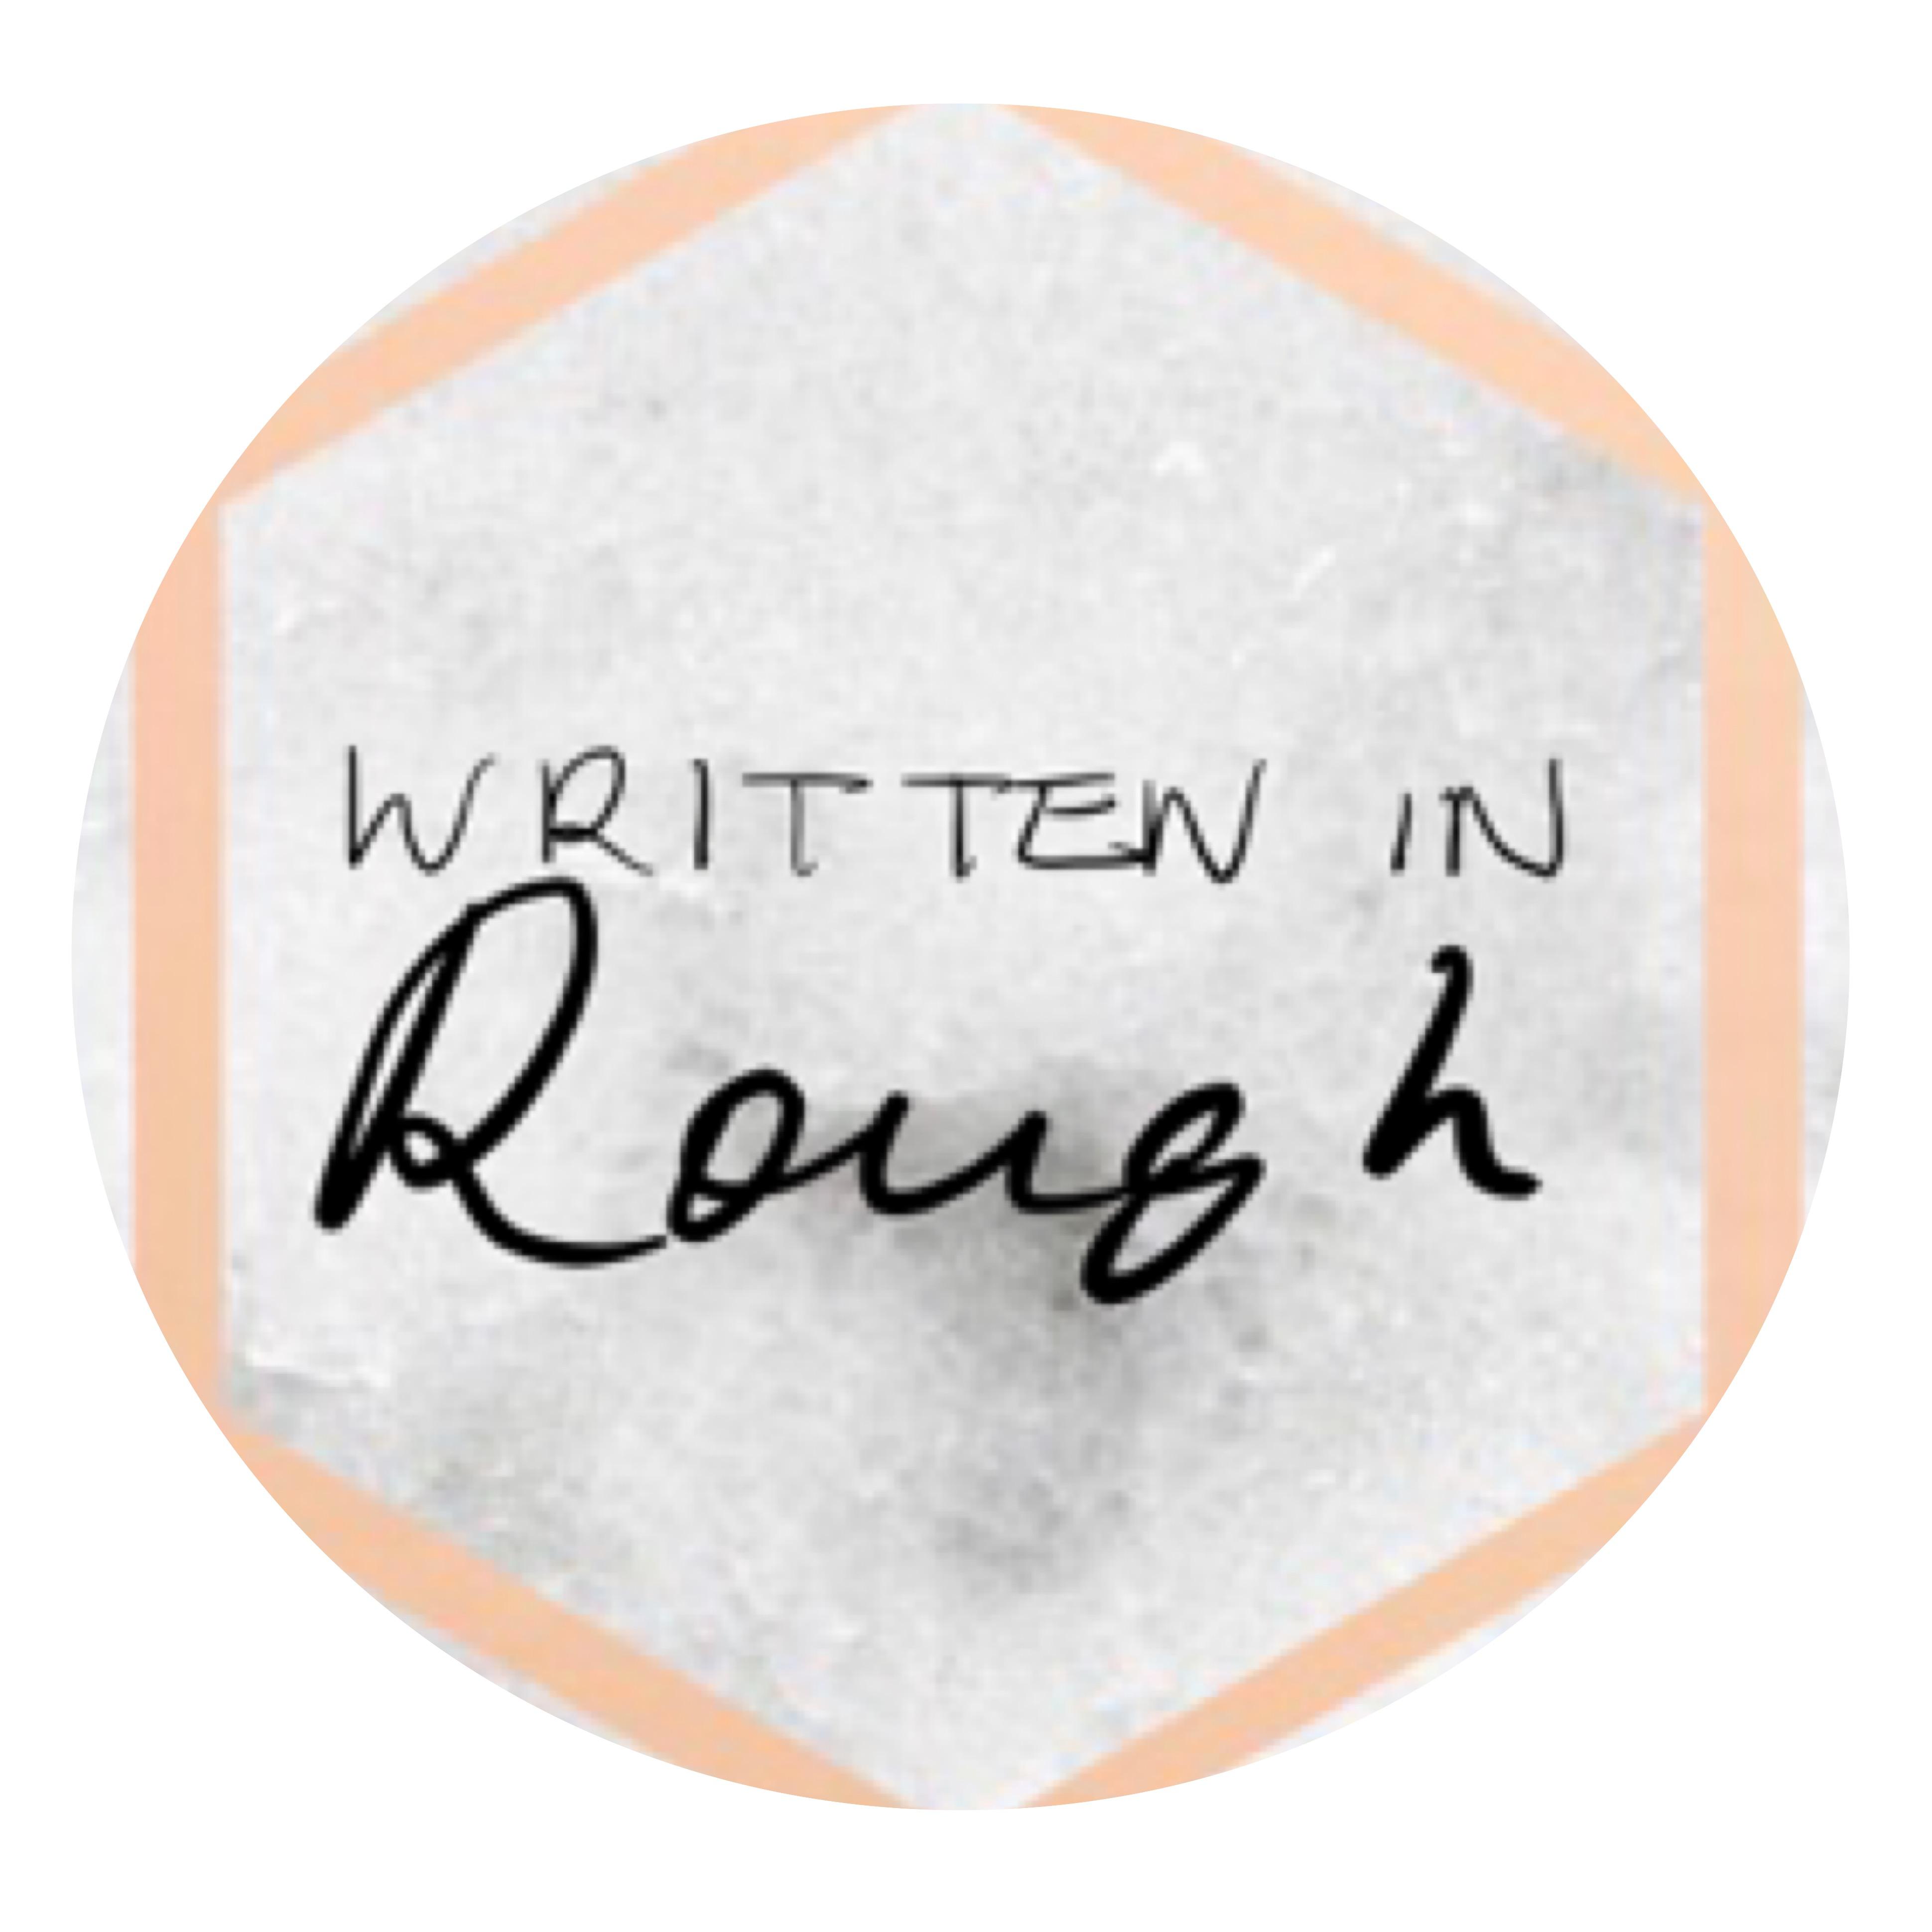 Written in rough